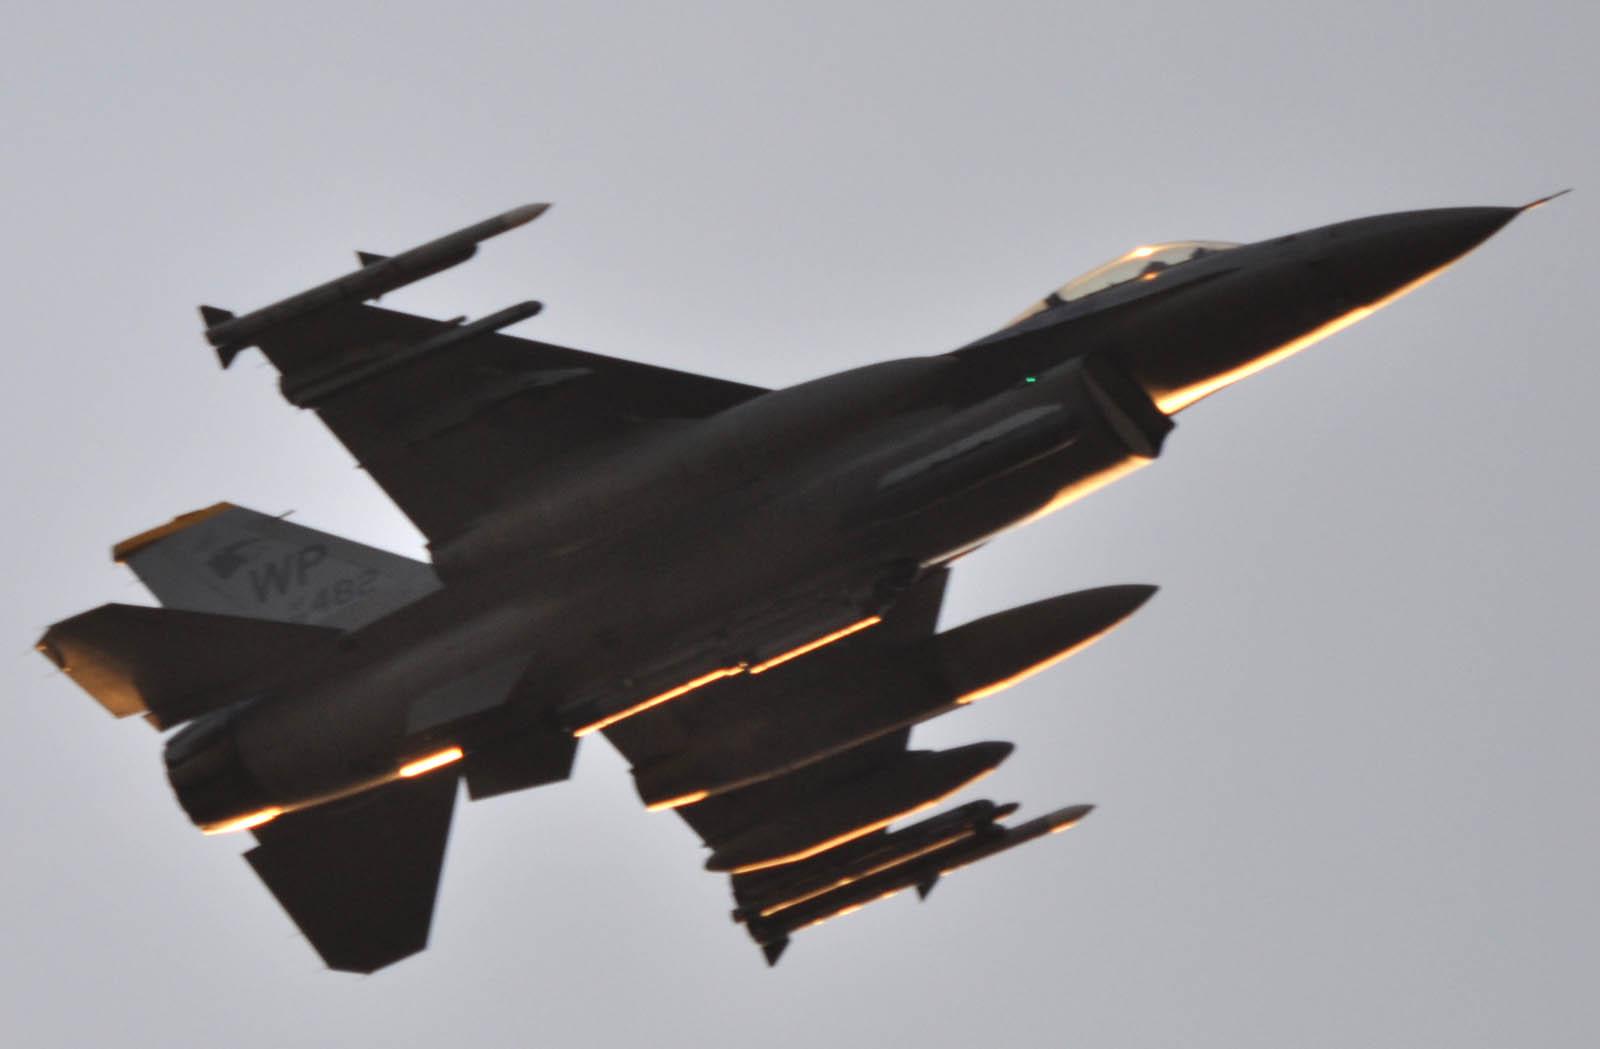 F16cg111218g198